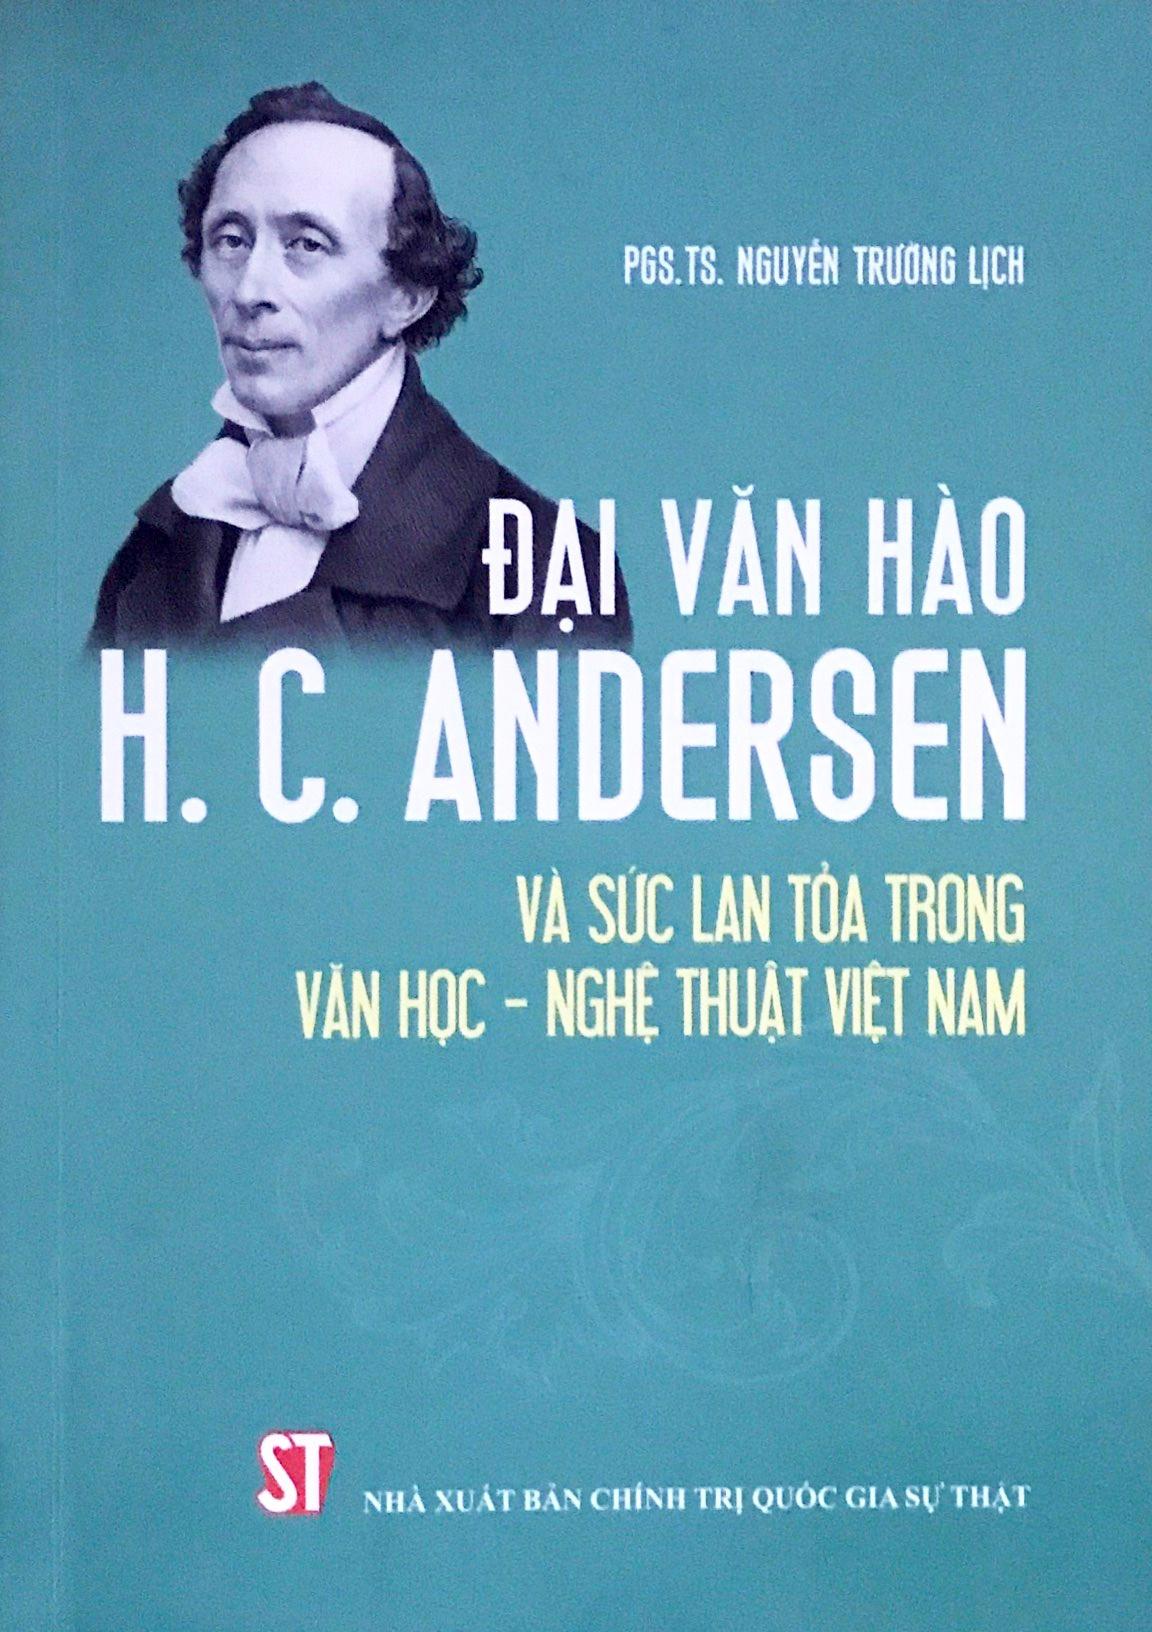 Đại văn hào H.C. Andersen và sức lan tỏa trong văn học - nghệ thuật Việt Nam